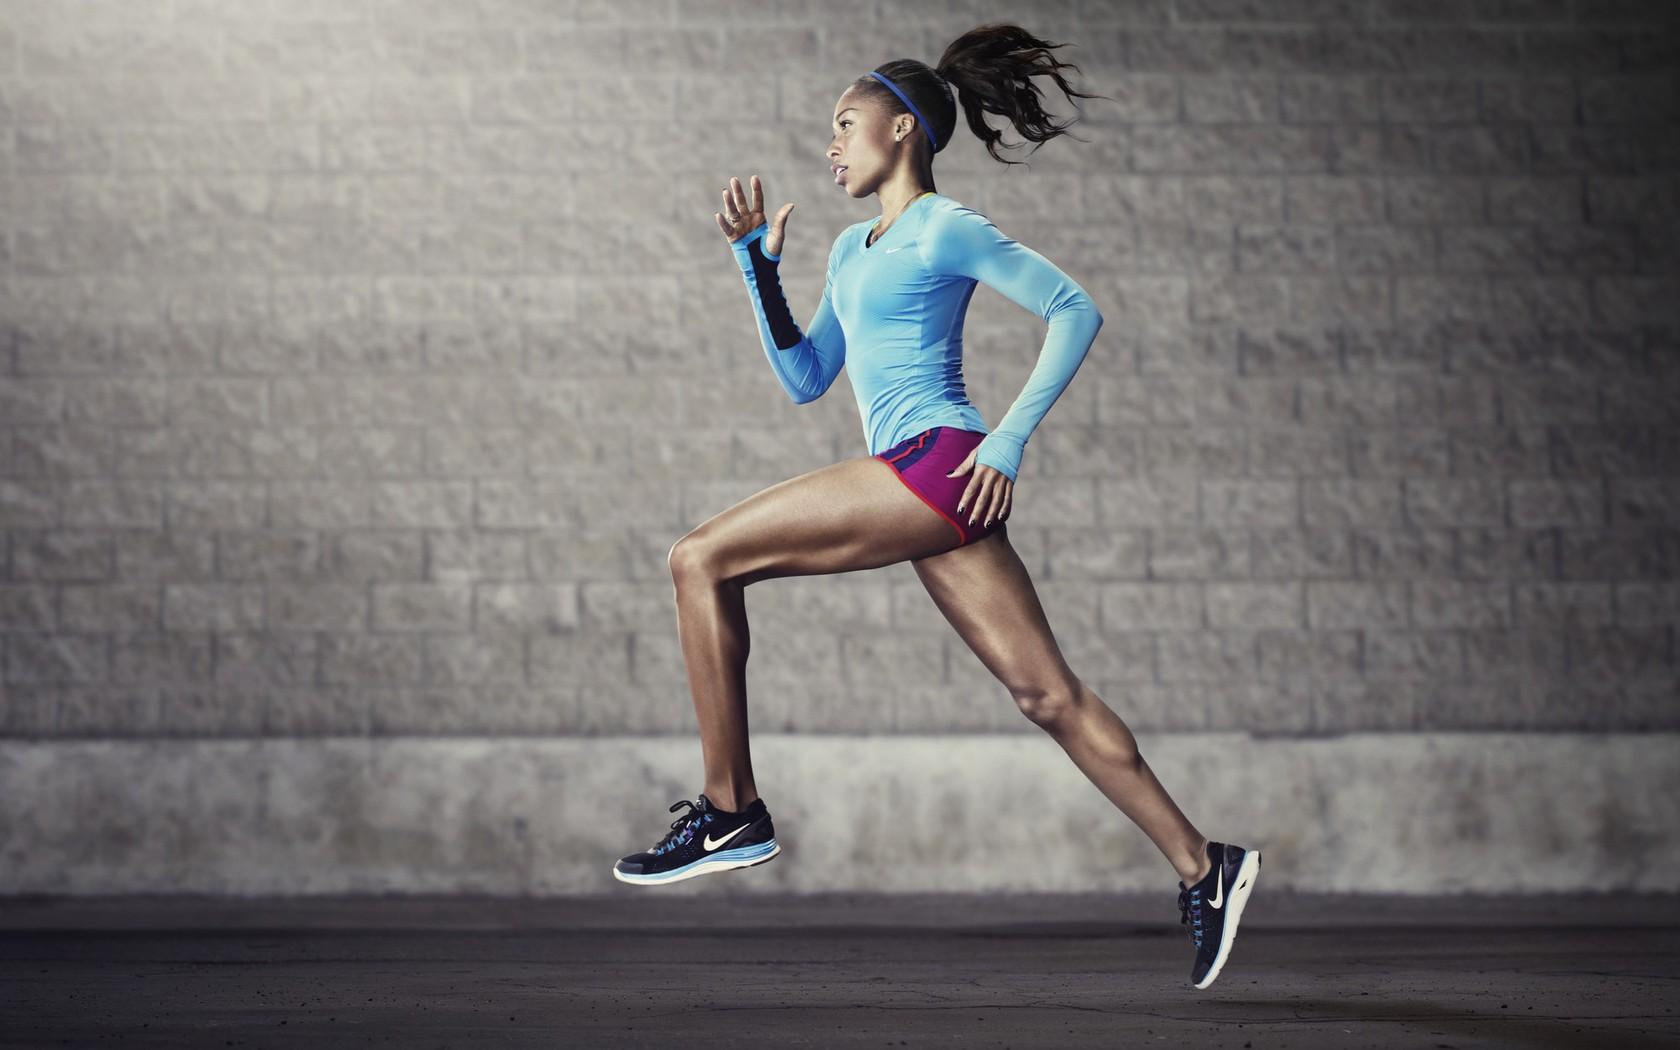 Women sports fitness wallpaper 1680x1050 59195 WallpaperUP 1680x1050